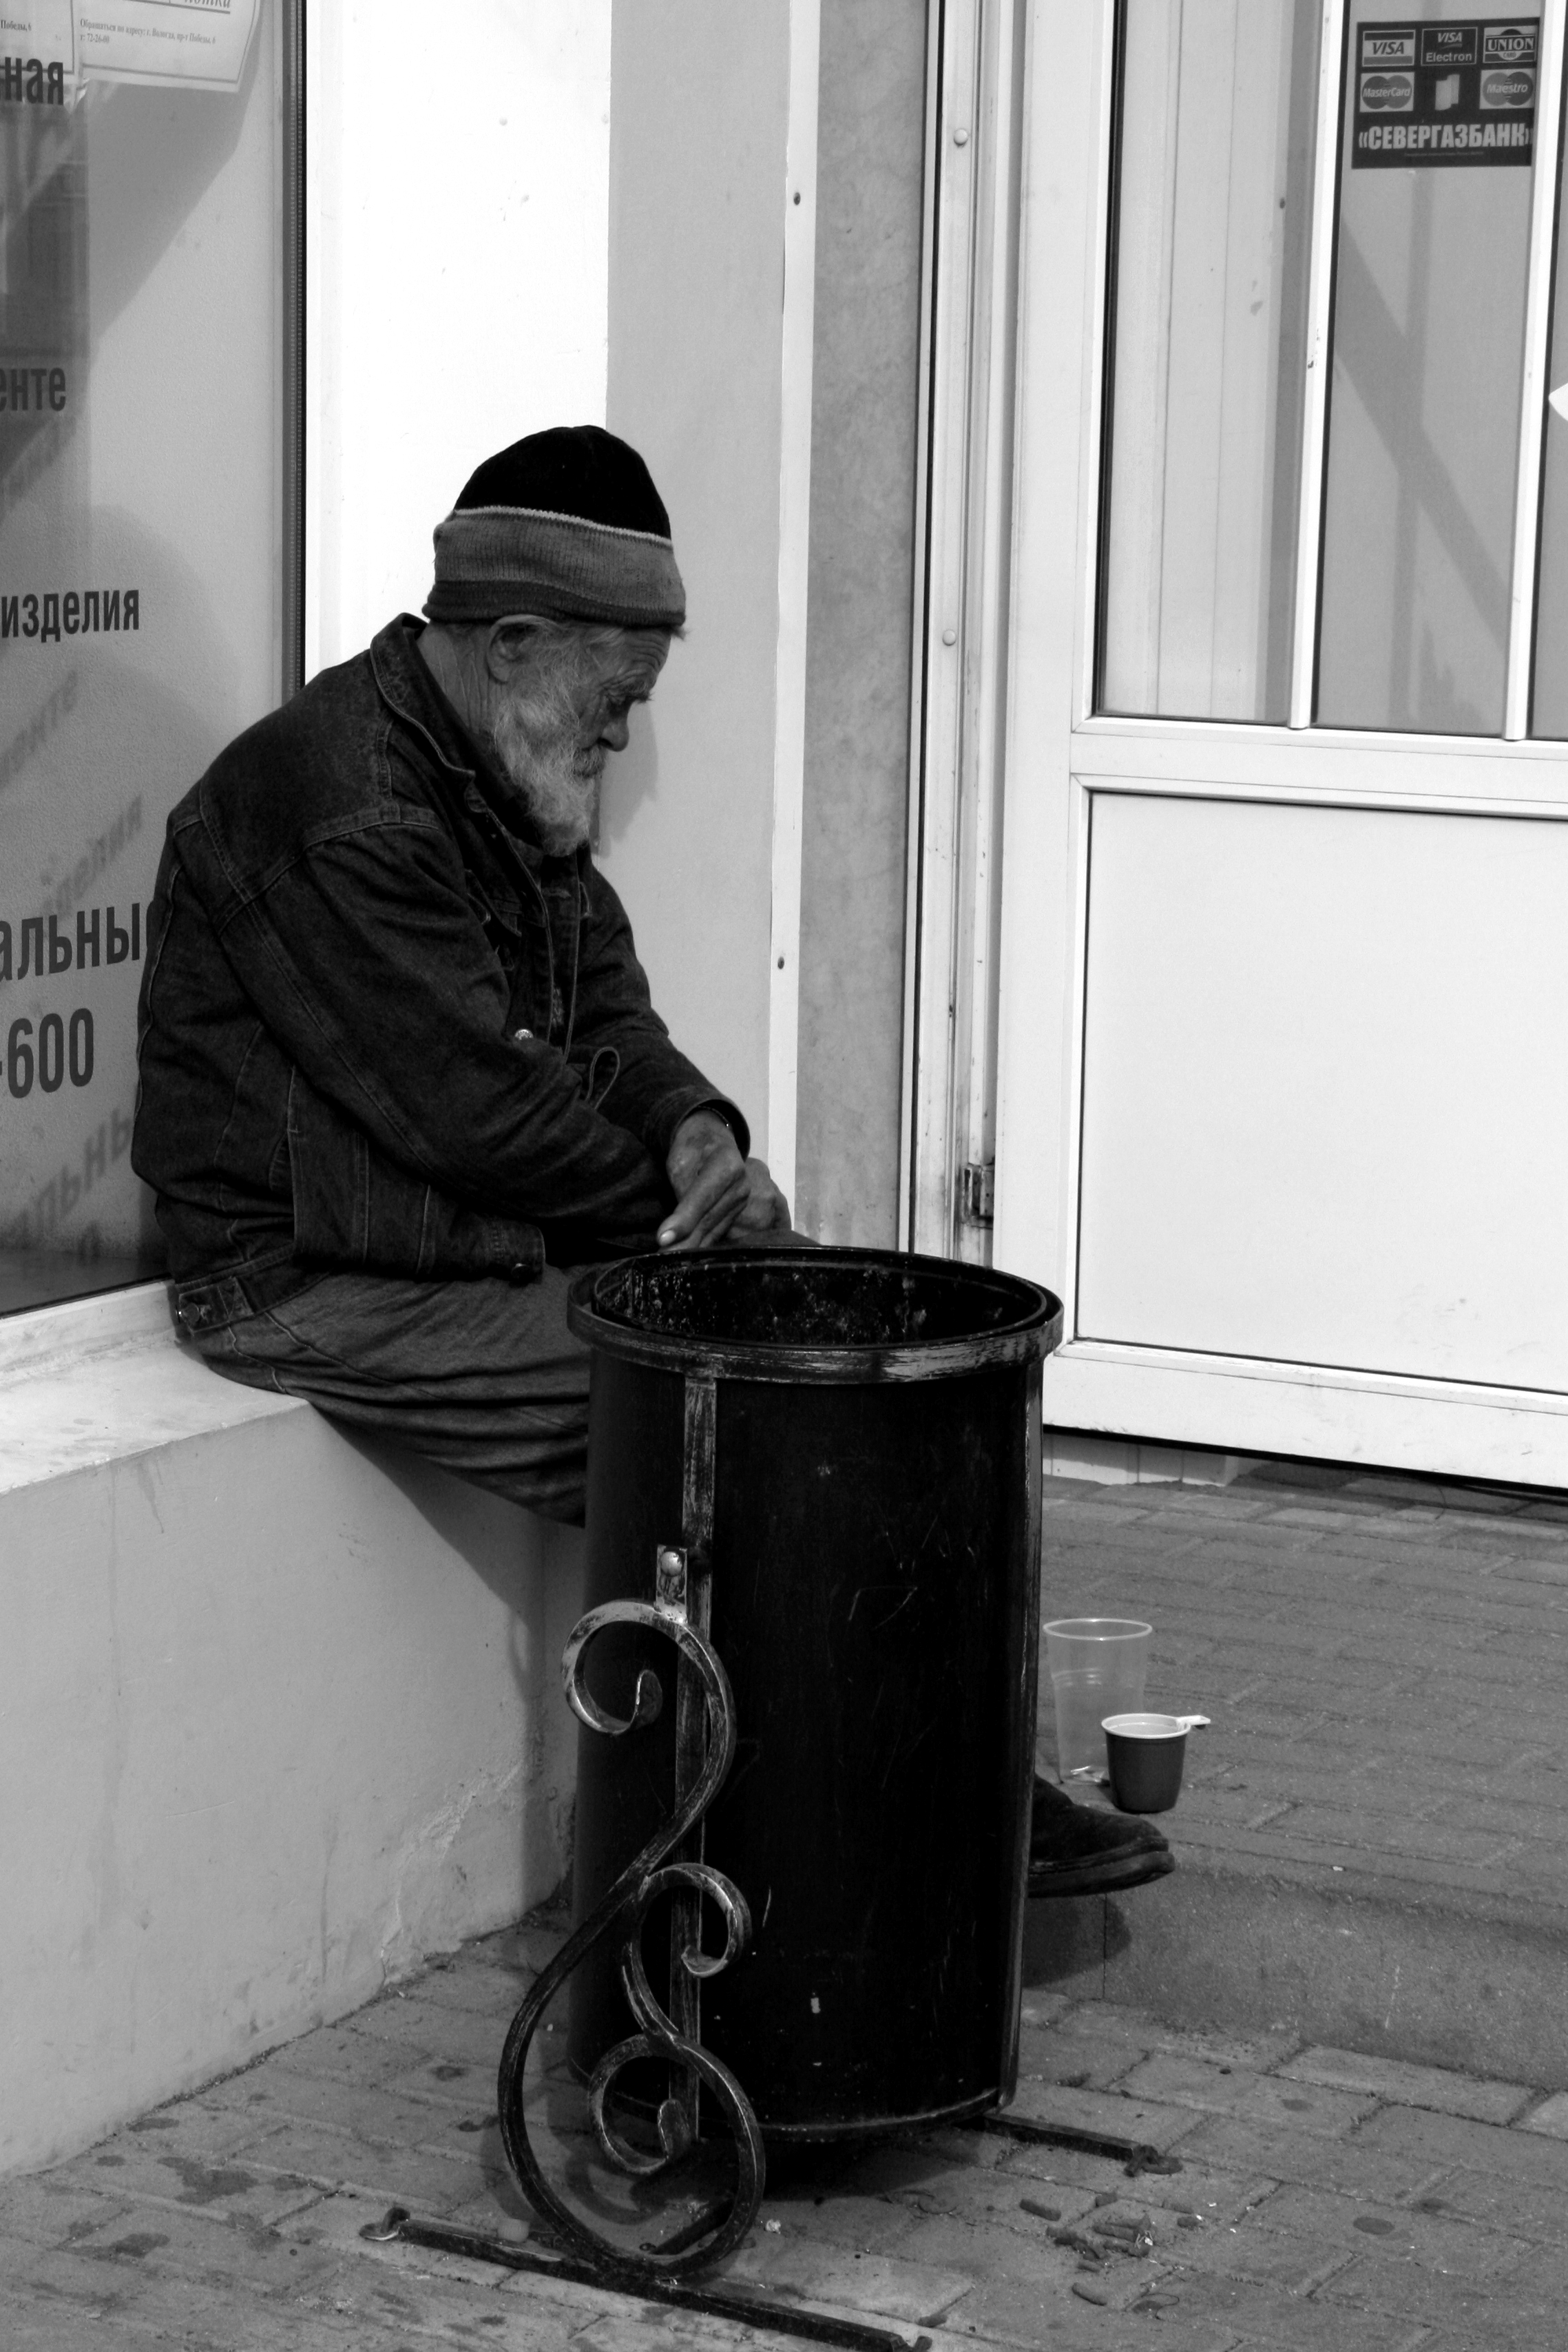 russie pauvreté